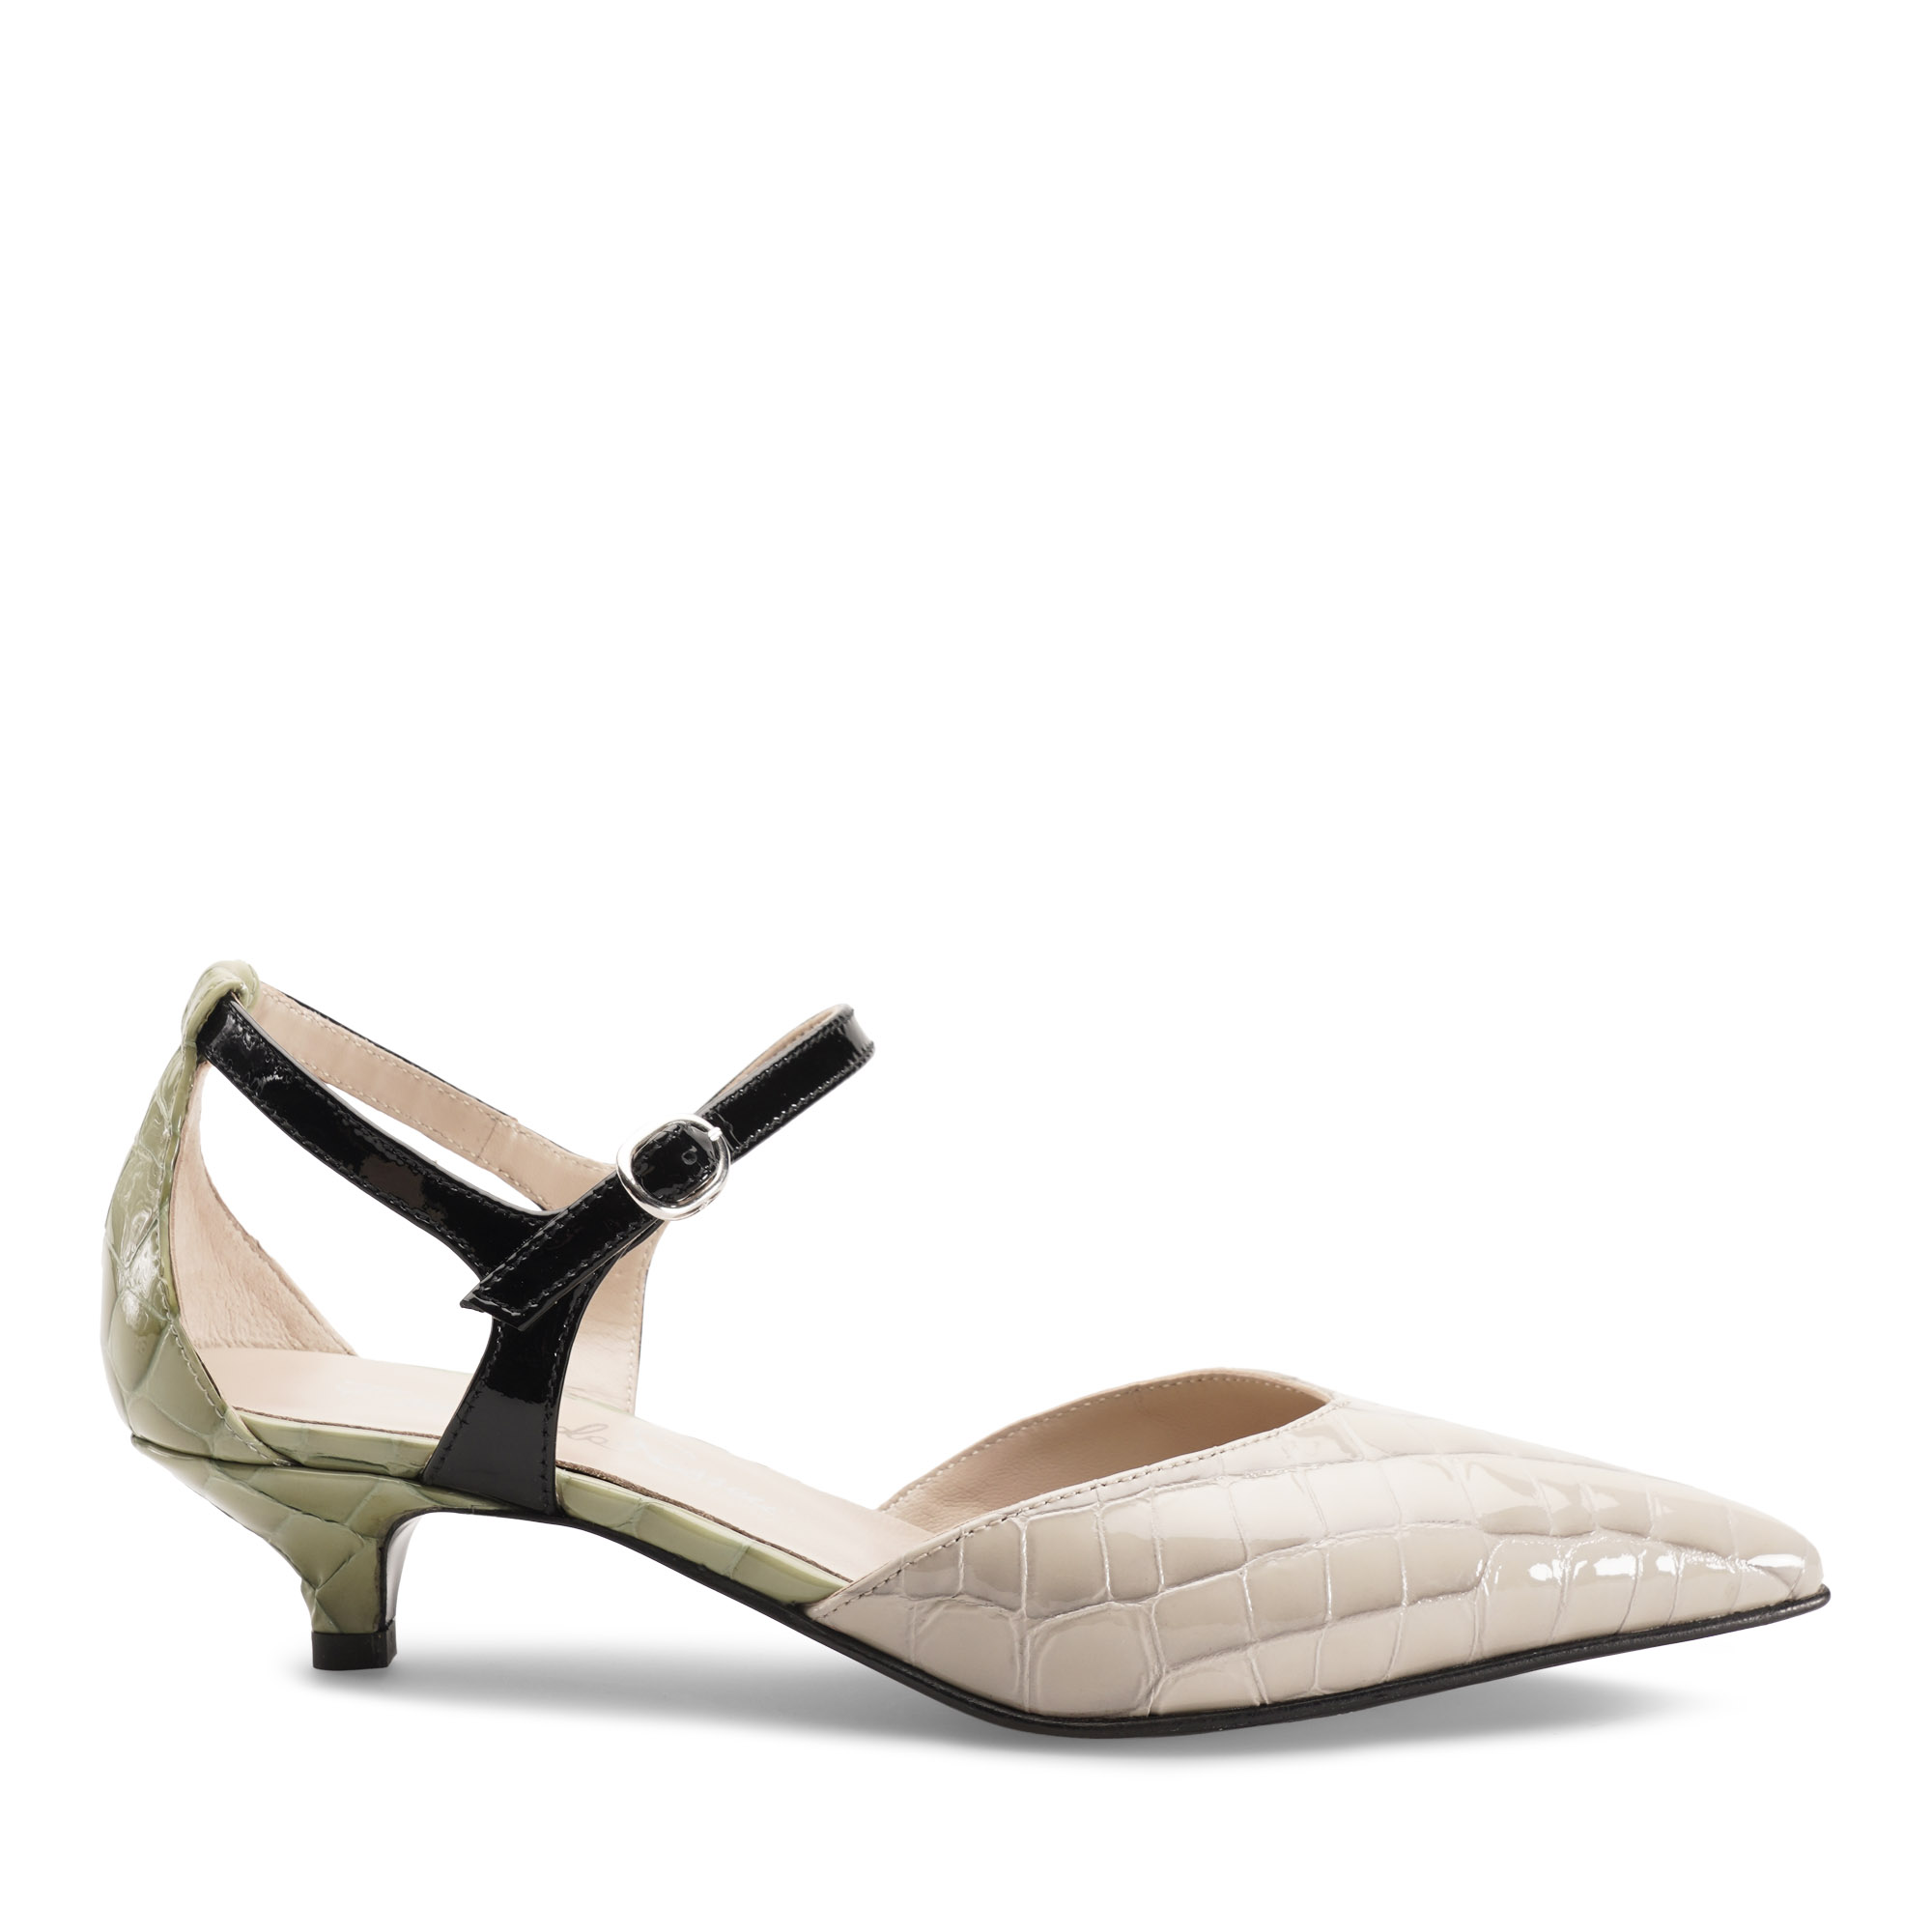 decolletè-scarpa-cocco-vernice-grigio-emanuela-passeri-shoes-heels-spring-summer-2021